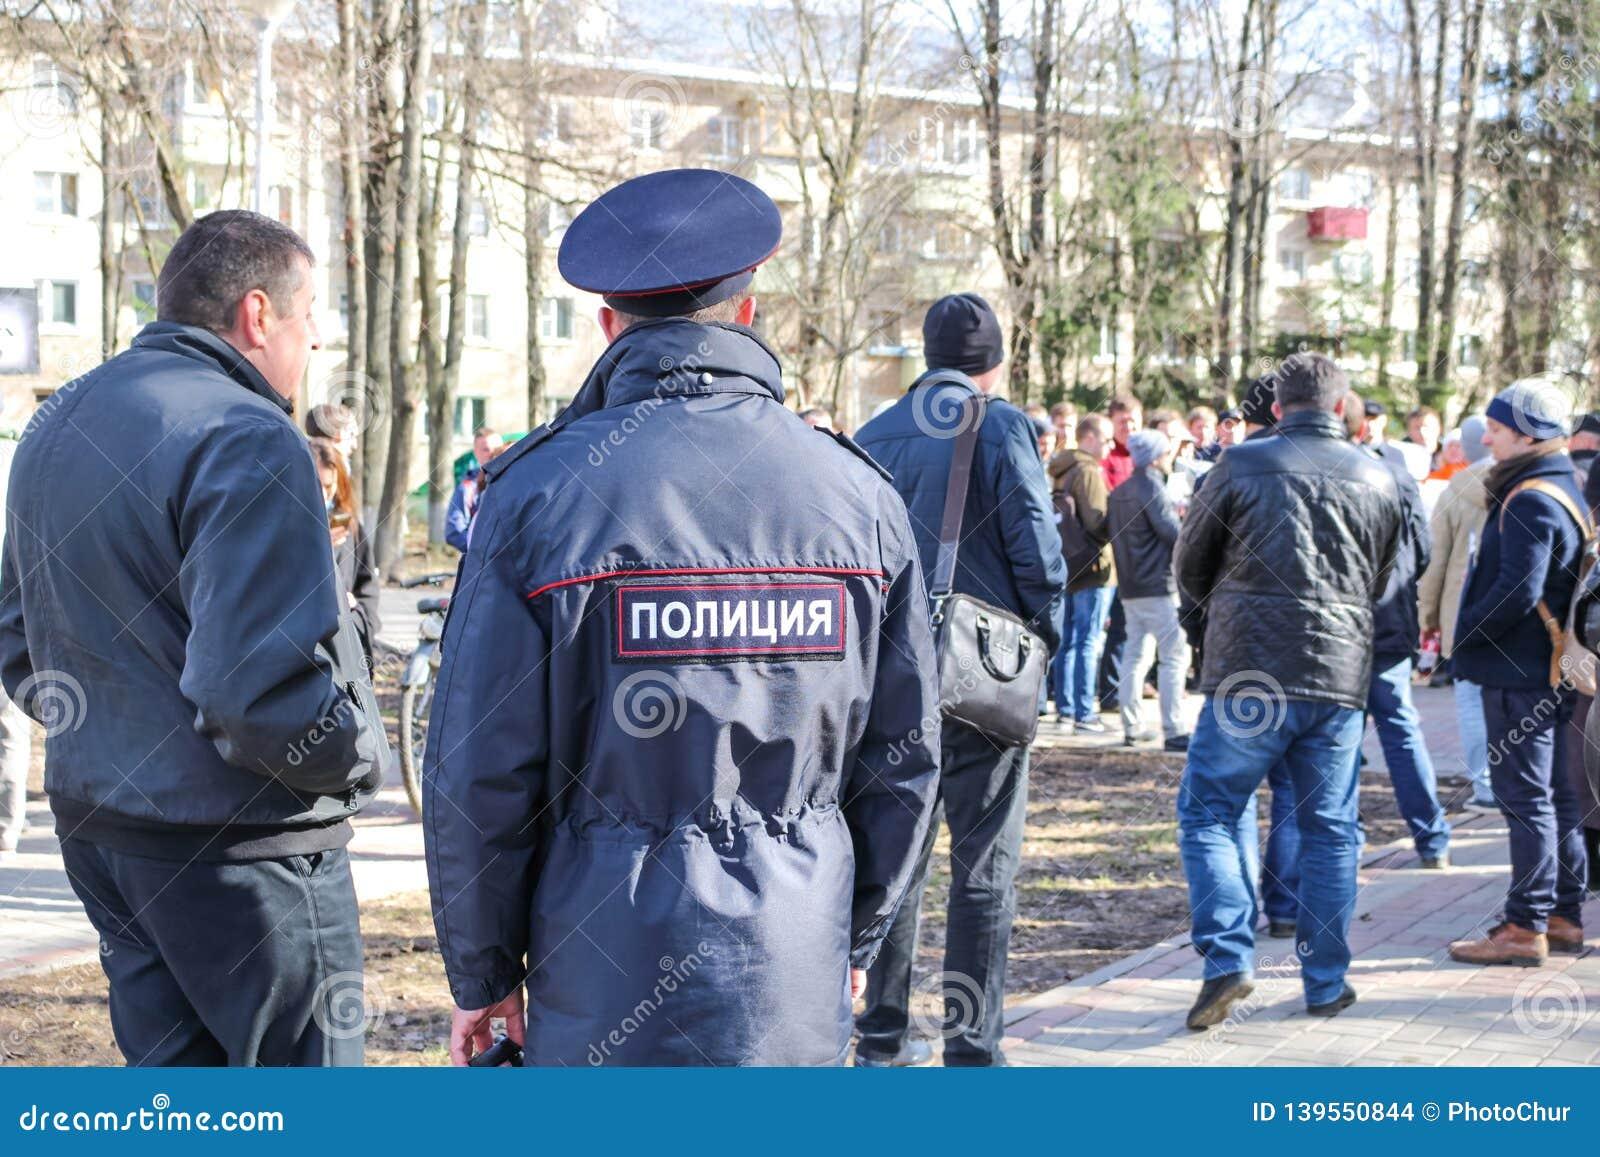 OBNINSK, RÚSSIA - 26 DE MARÇO DE 2017: Piquete contra a corrupção